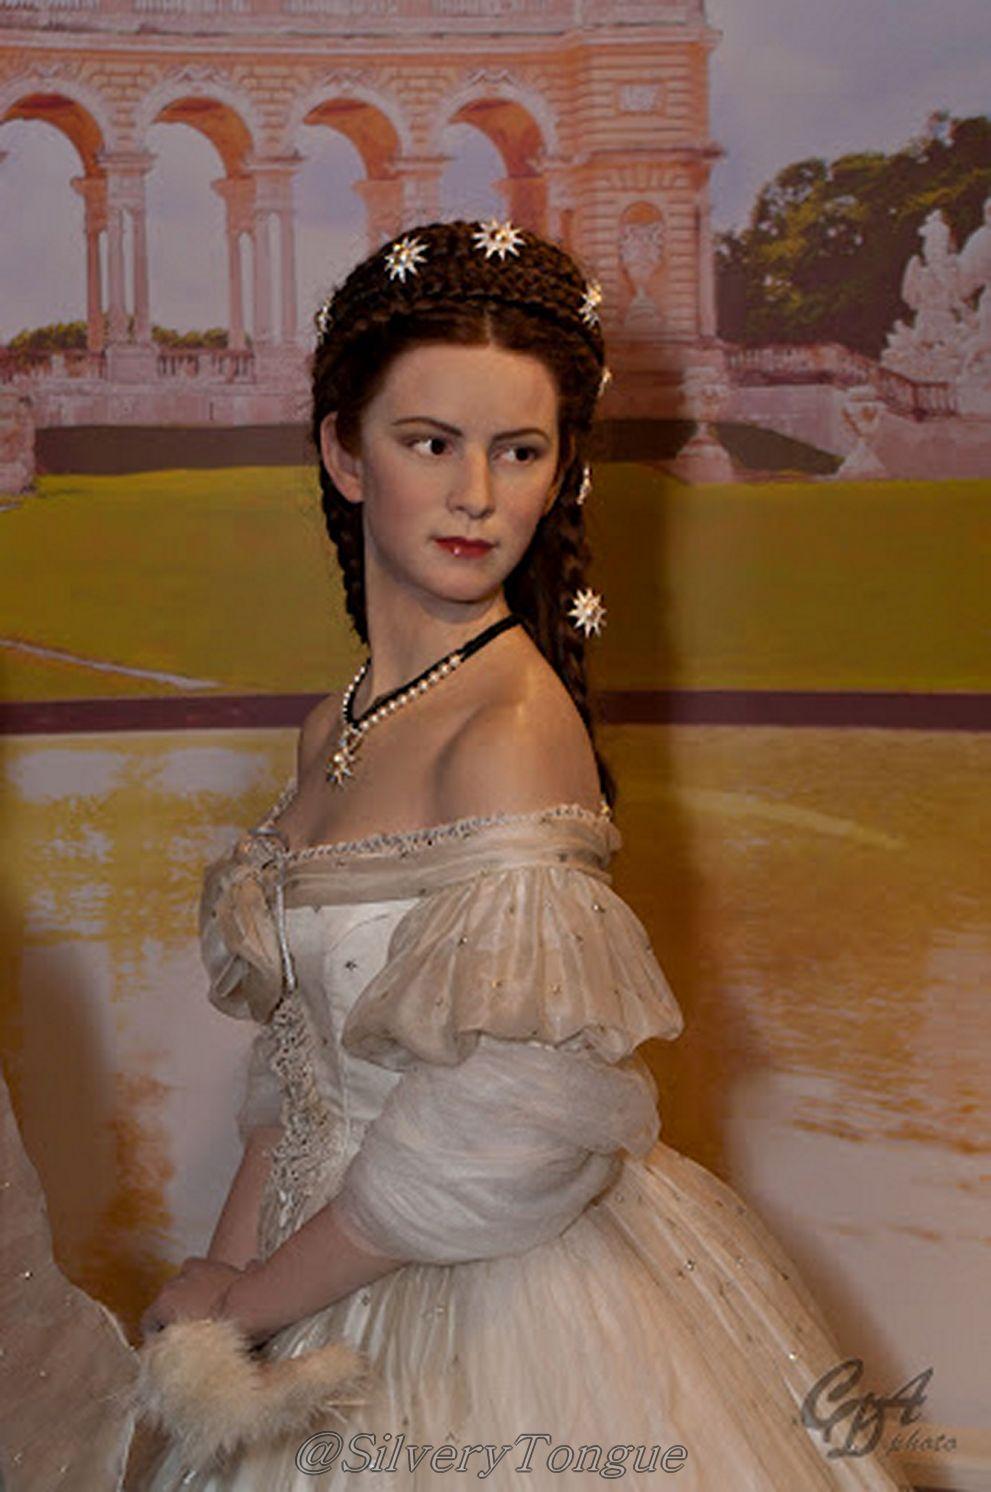 Pin On Elizabeth De Bavaria Emperatriz De Austria Y Hungria Sissi